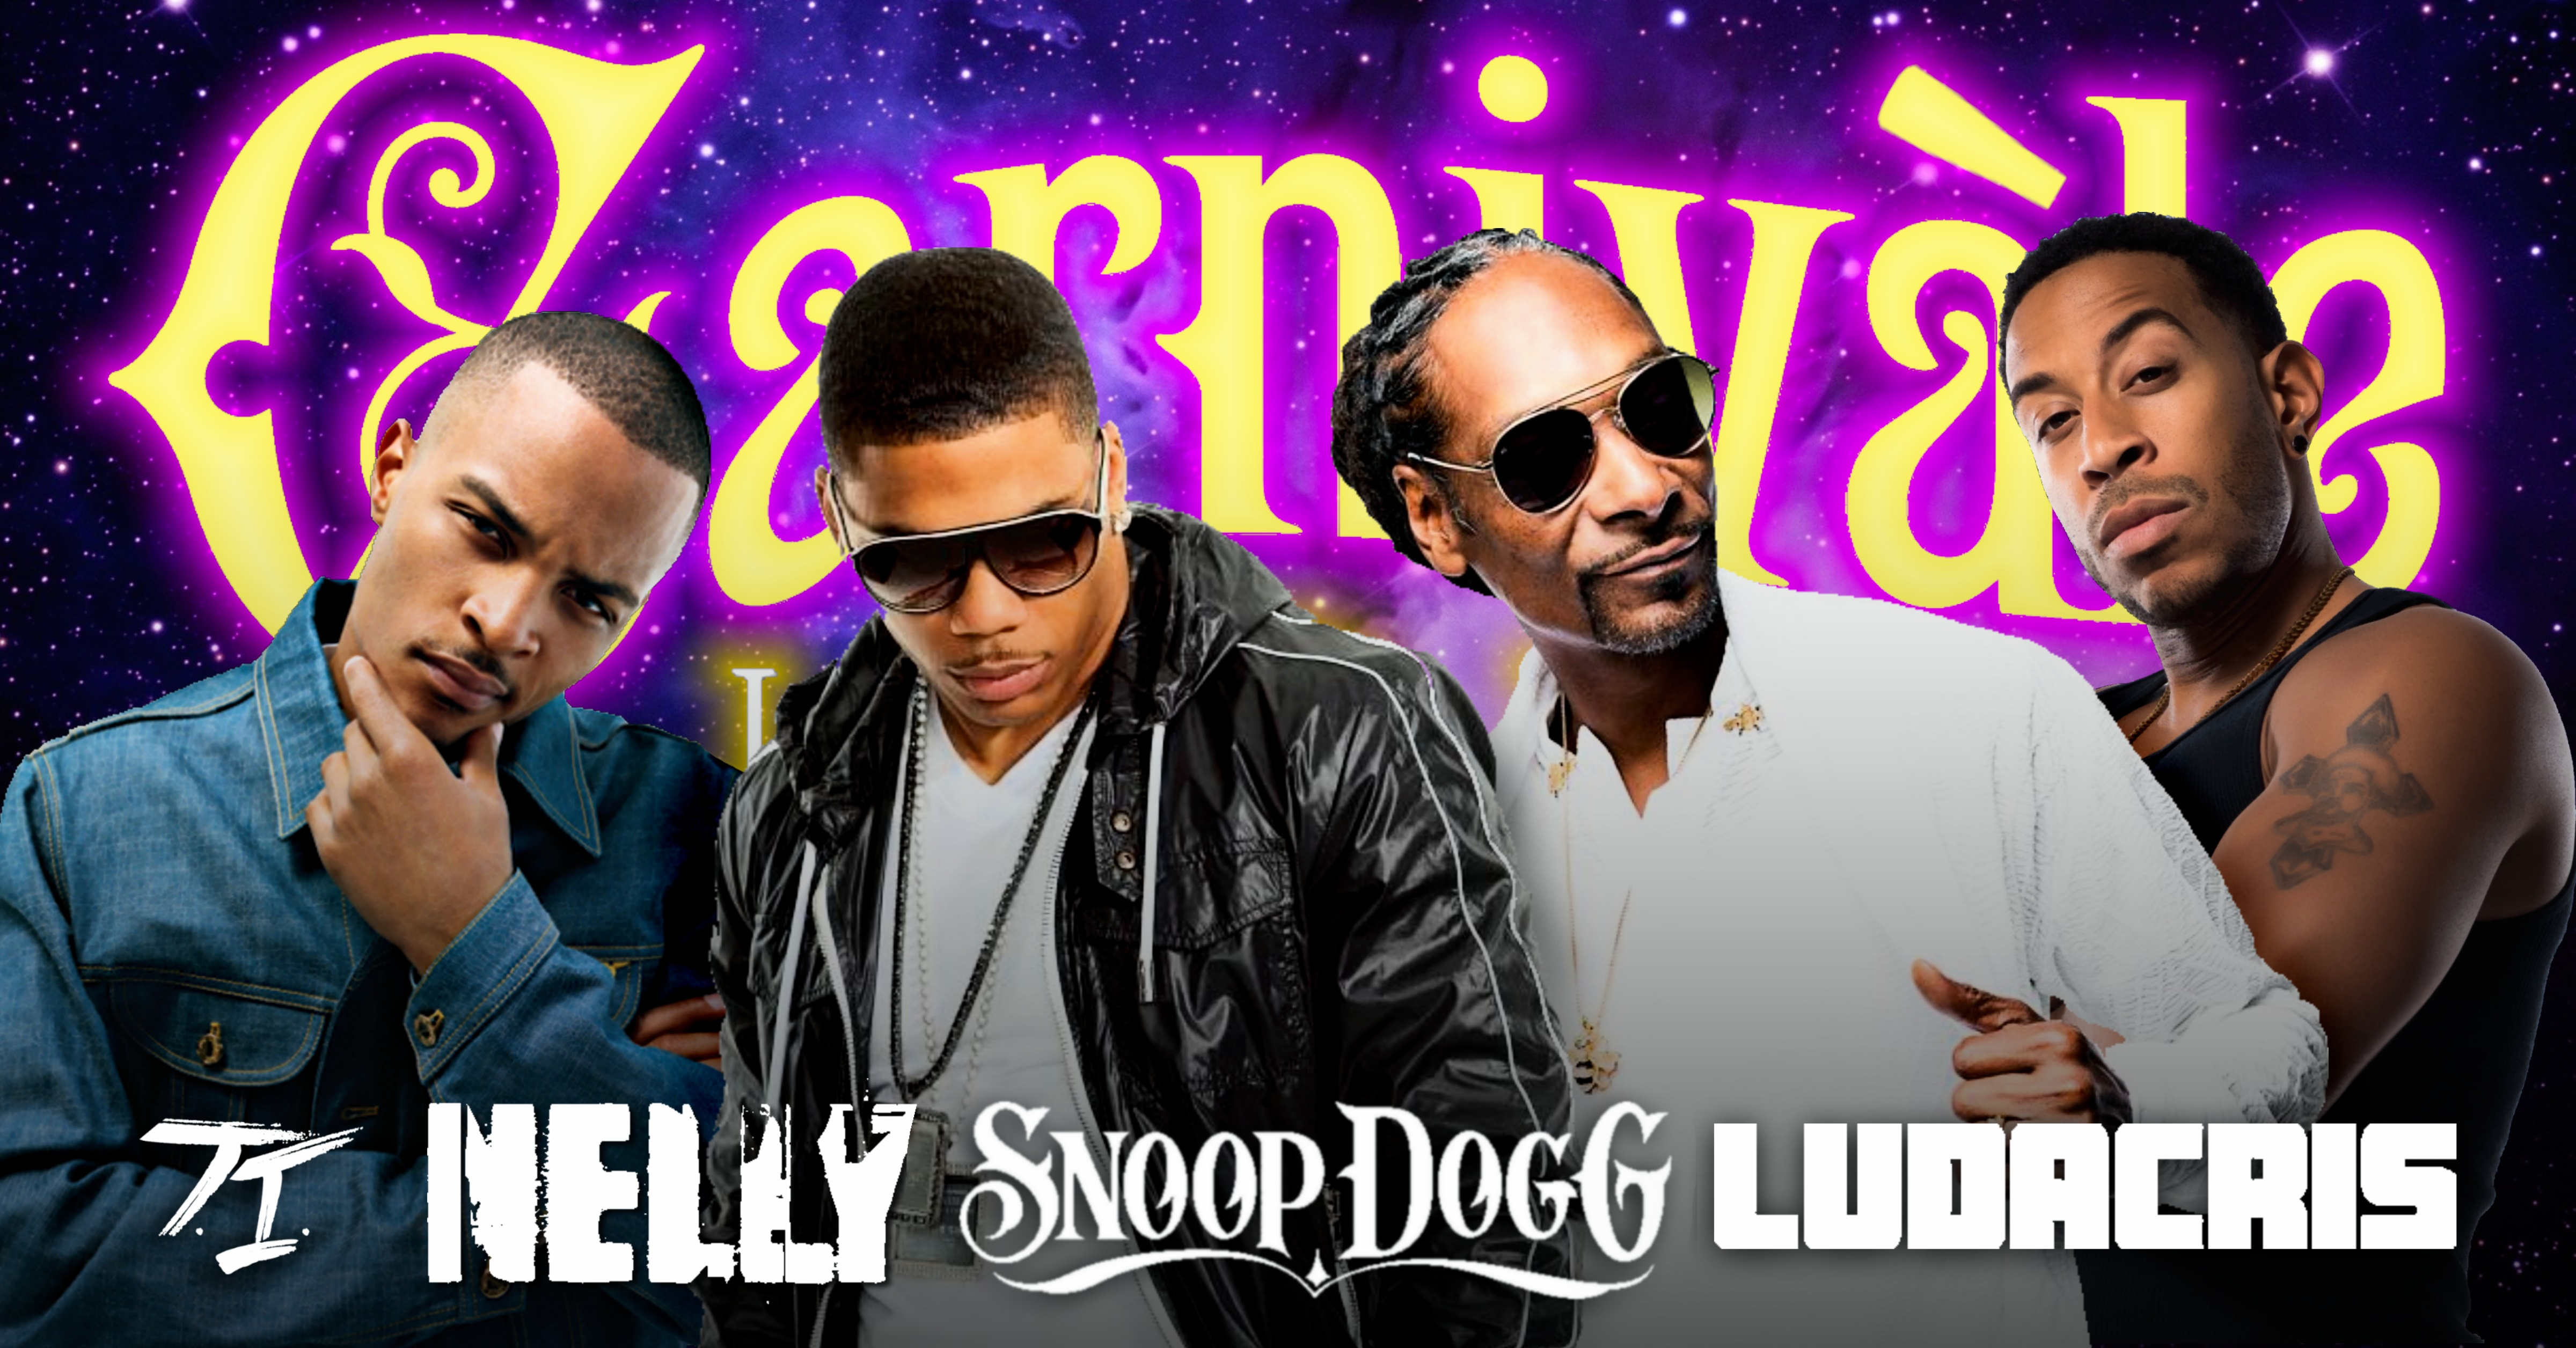 Snoop, Nelly, TI, Ludacris